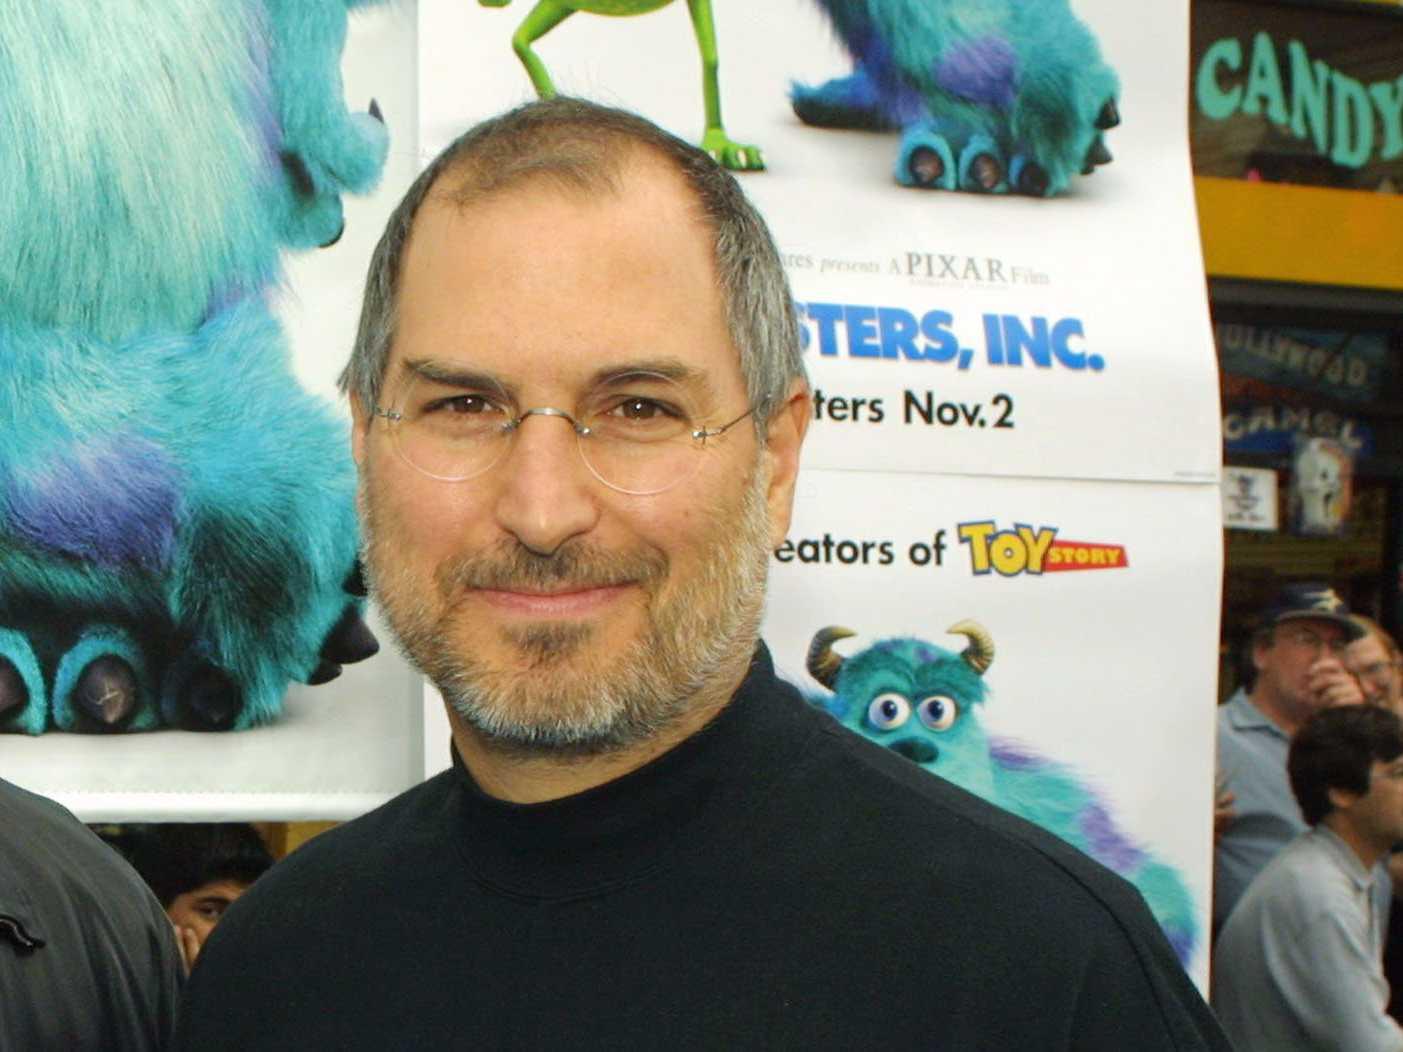 Steve Jobs Pixar - iDevice.ro